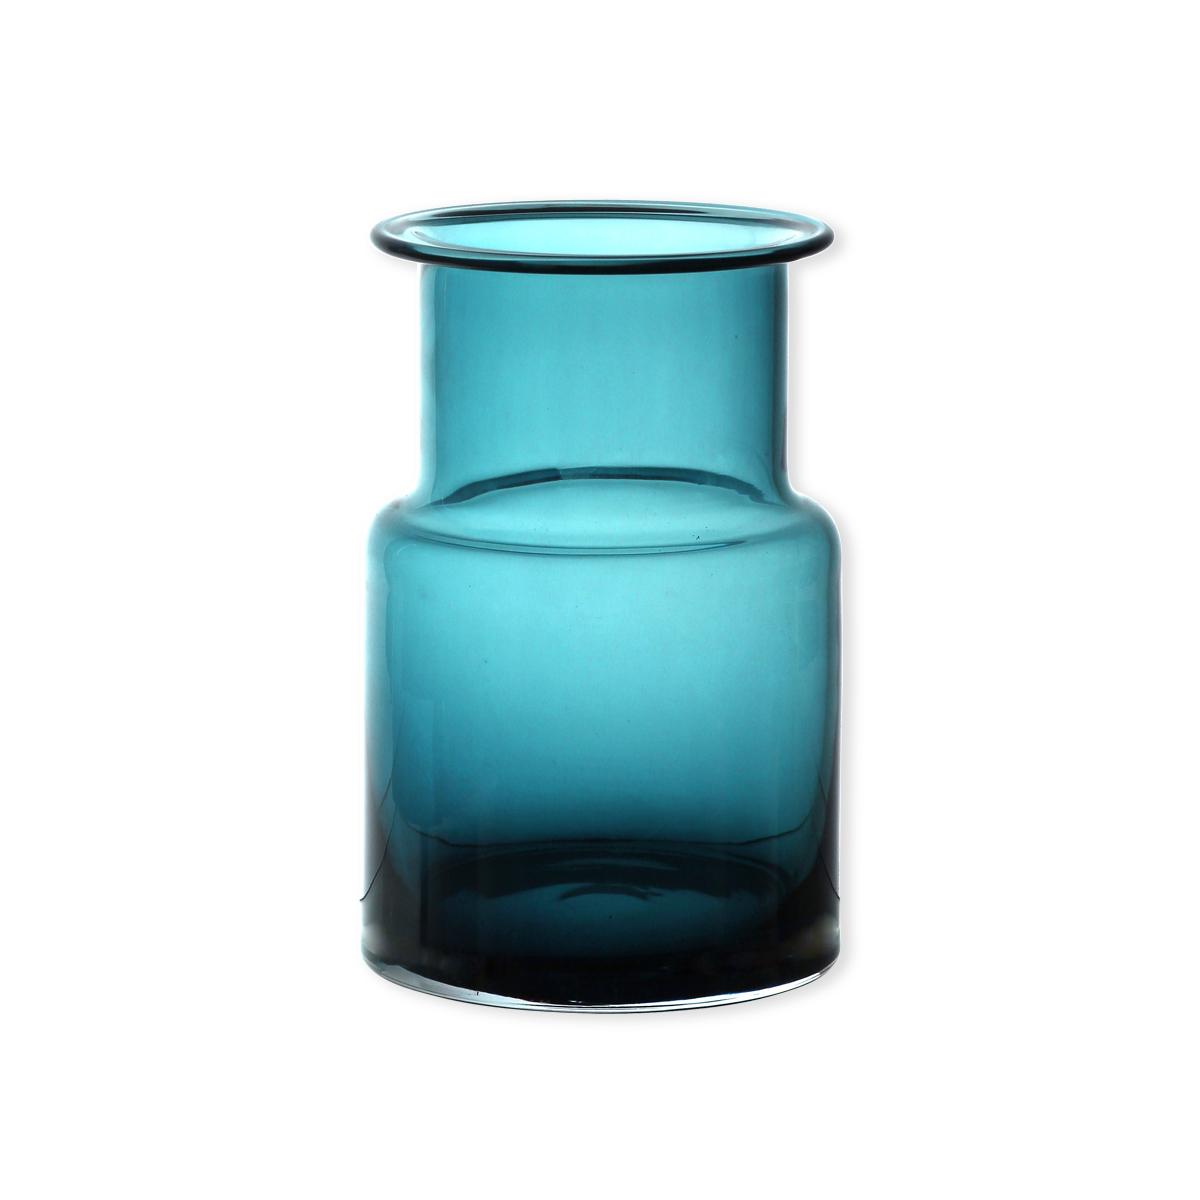 vase design en verre turquoise 20cm objets d co. Black Bedroom Furniture Sets. Home Design Ideas